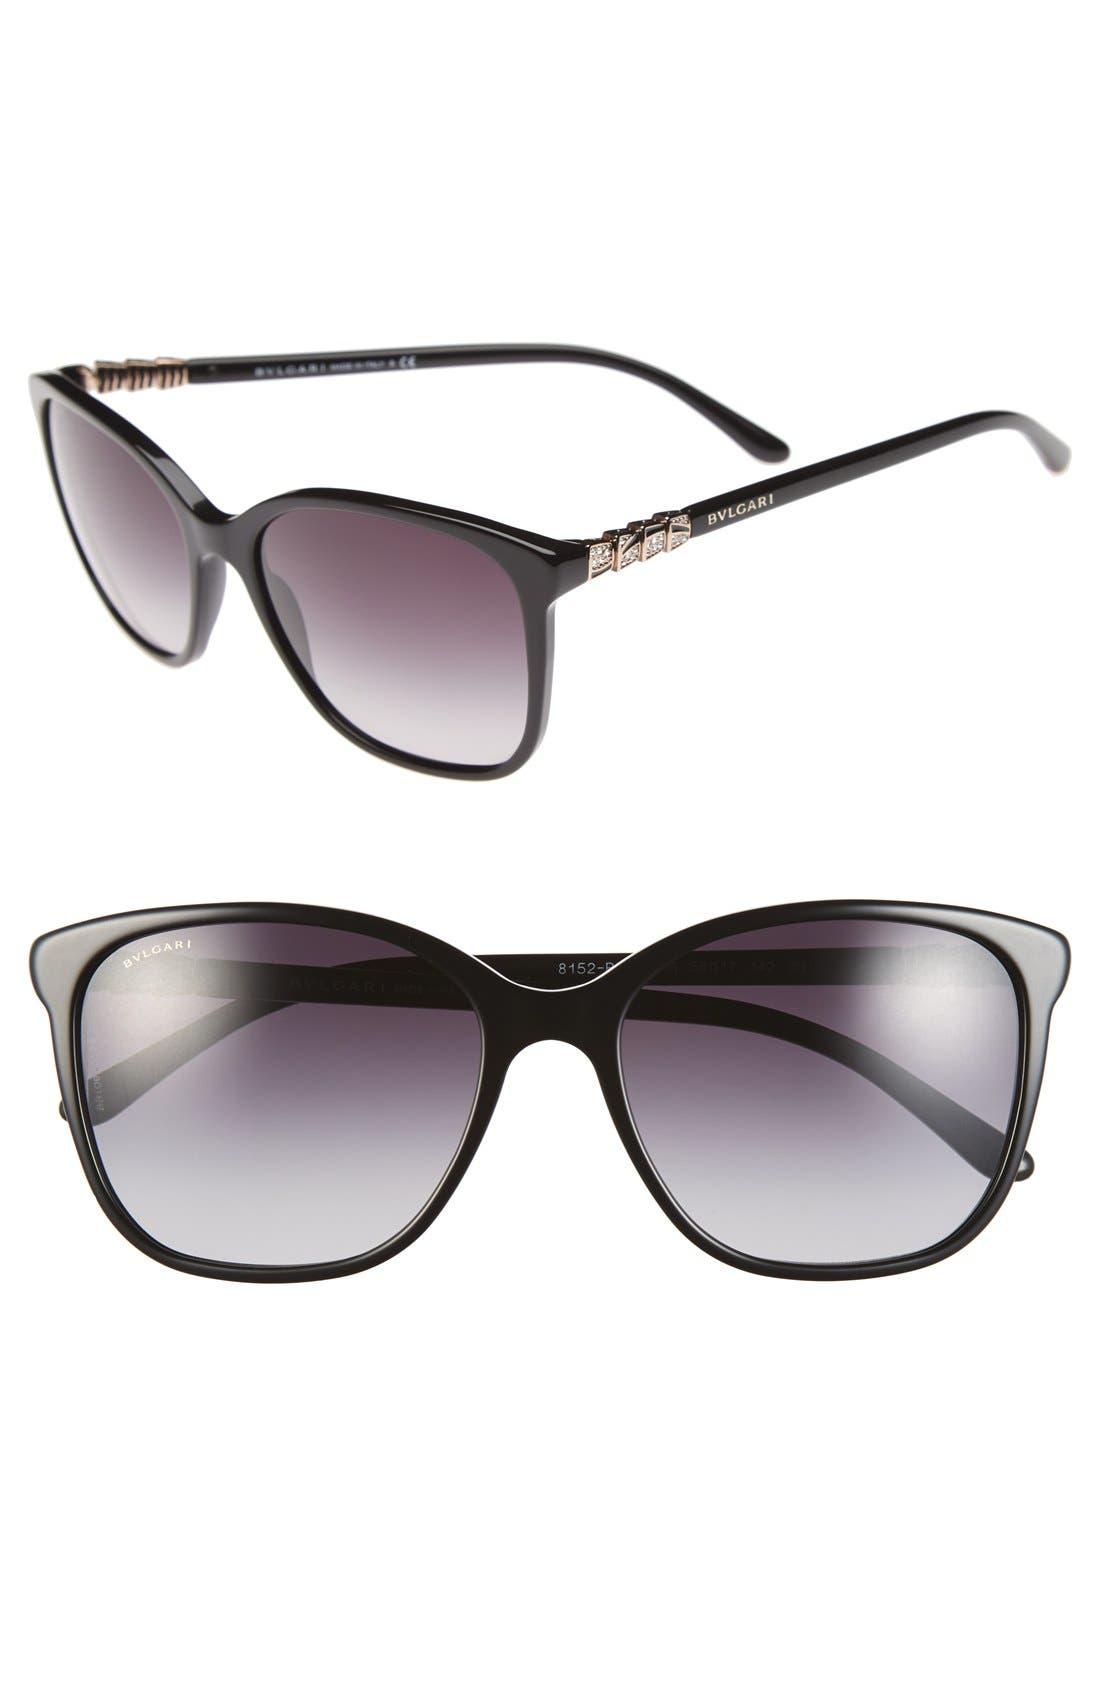 Alternate Image 1 Selected - BVLGARI 56mm Gradient Sunglasses